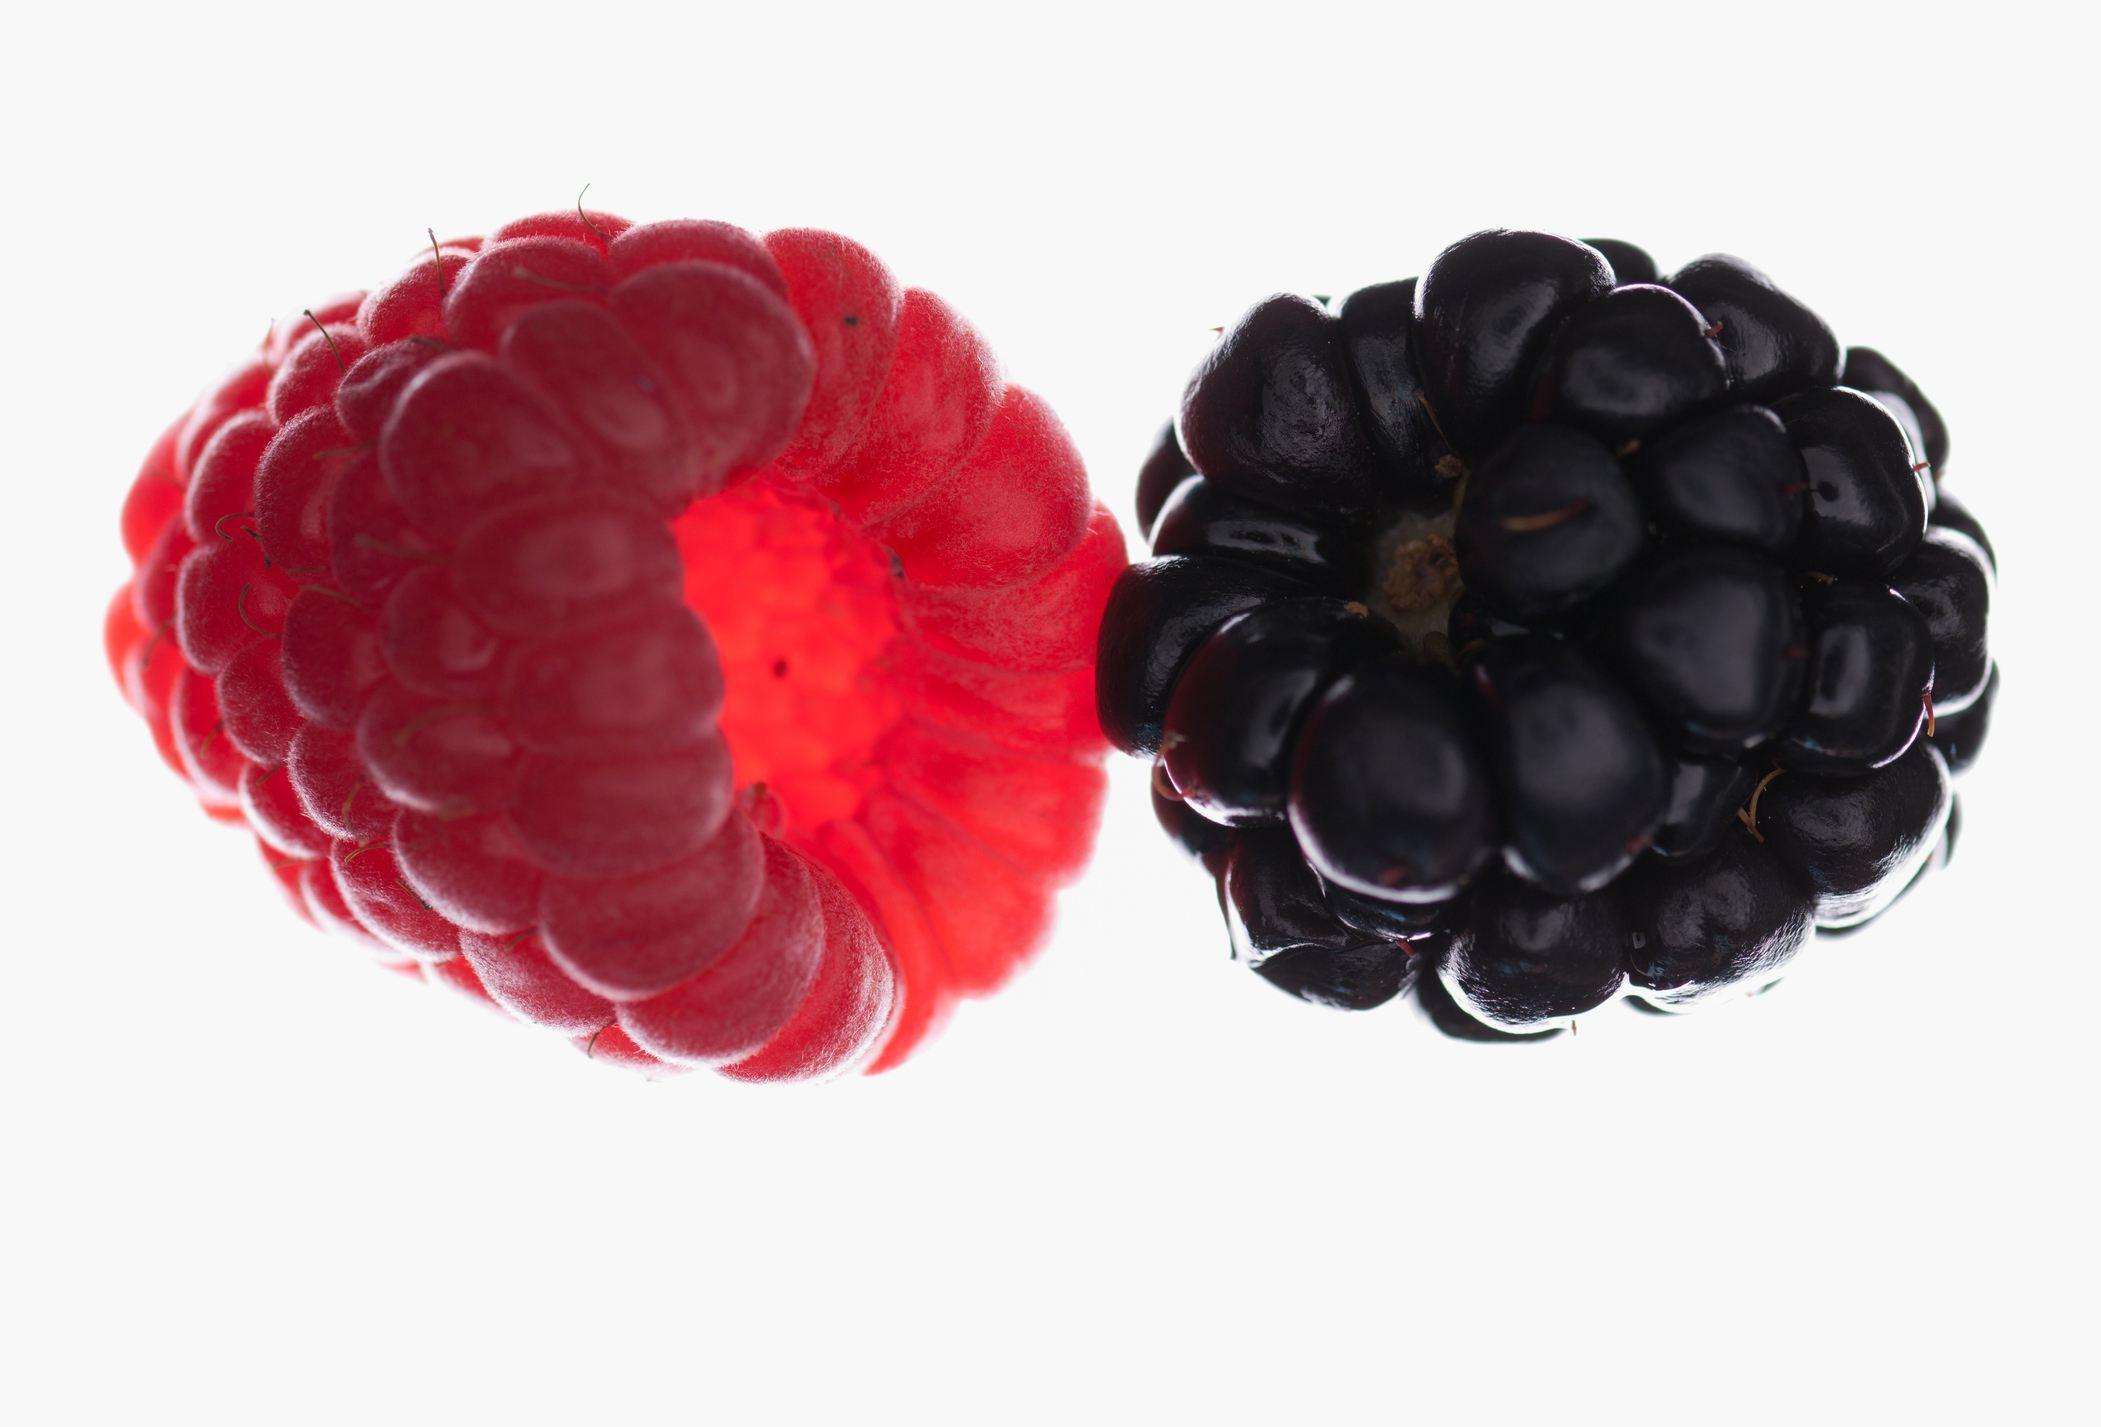 Raspberry vs Blackberry